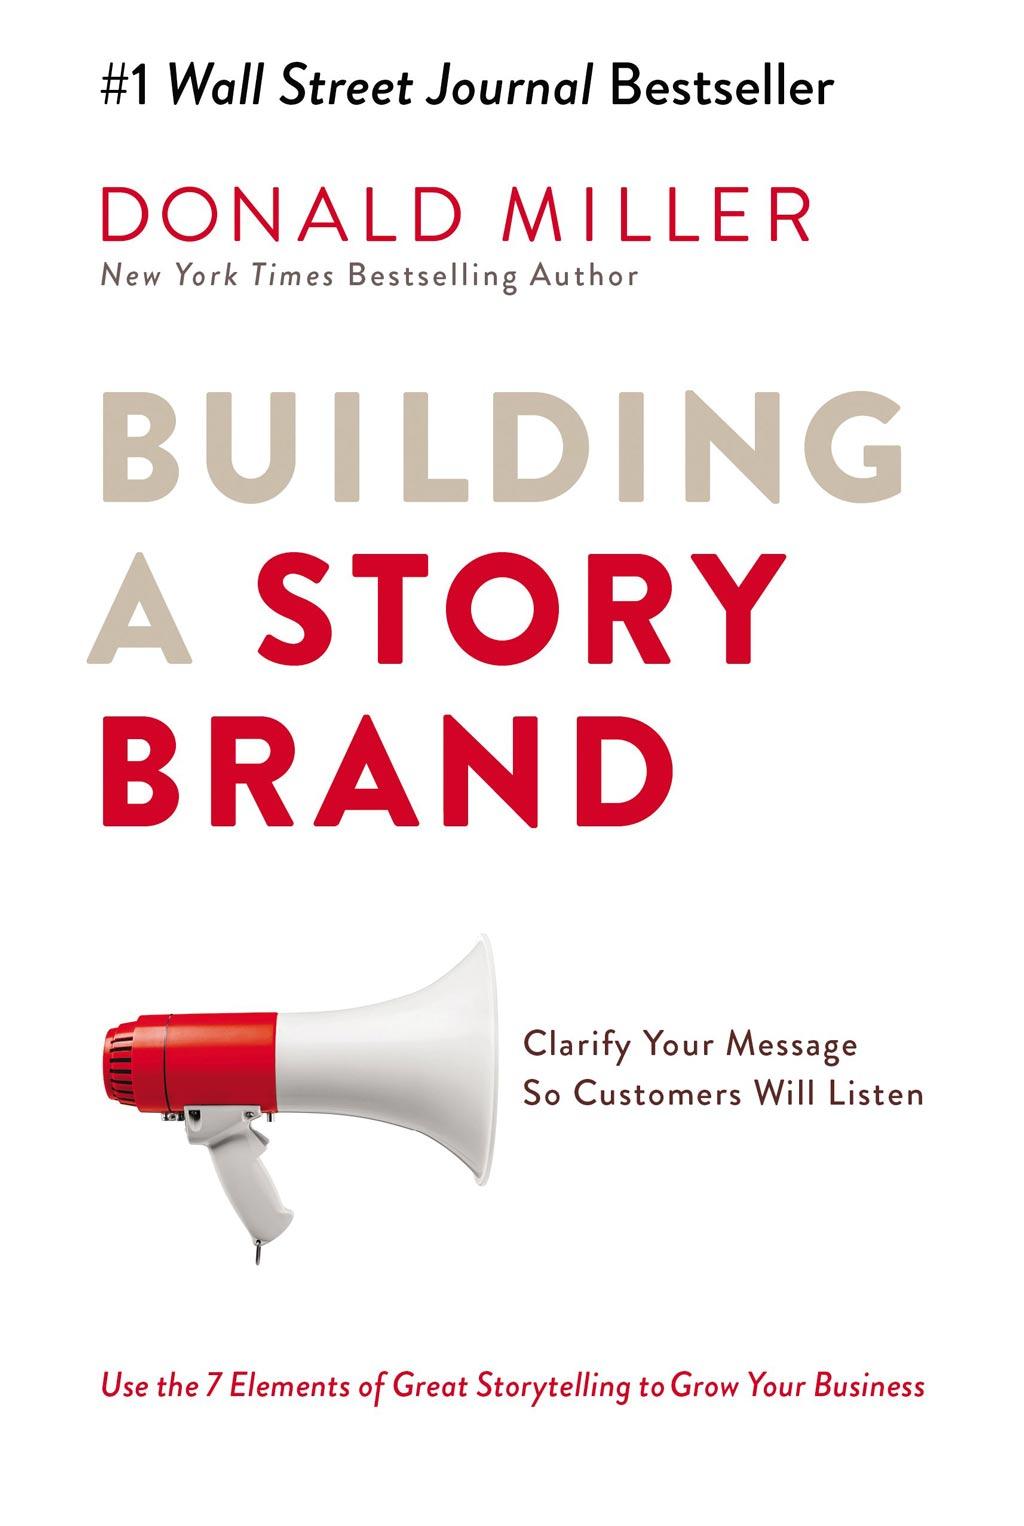 building-a-story-brand.jpg